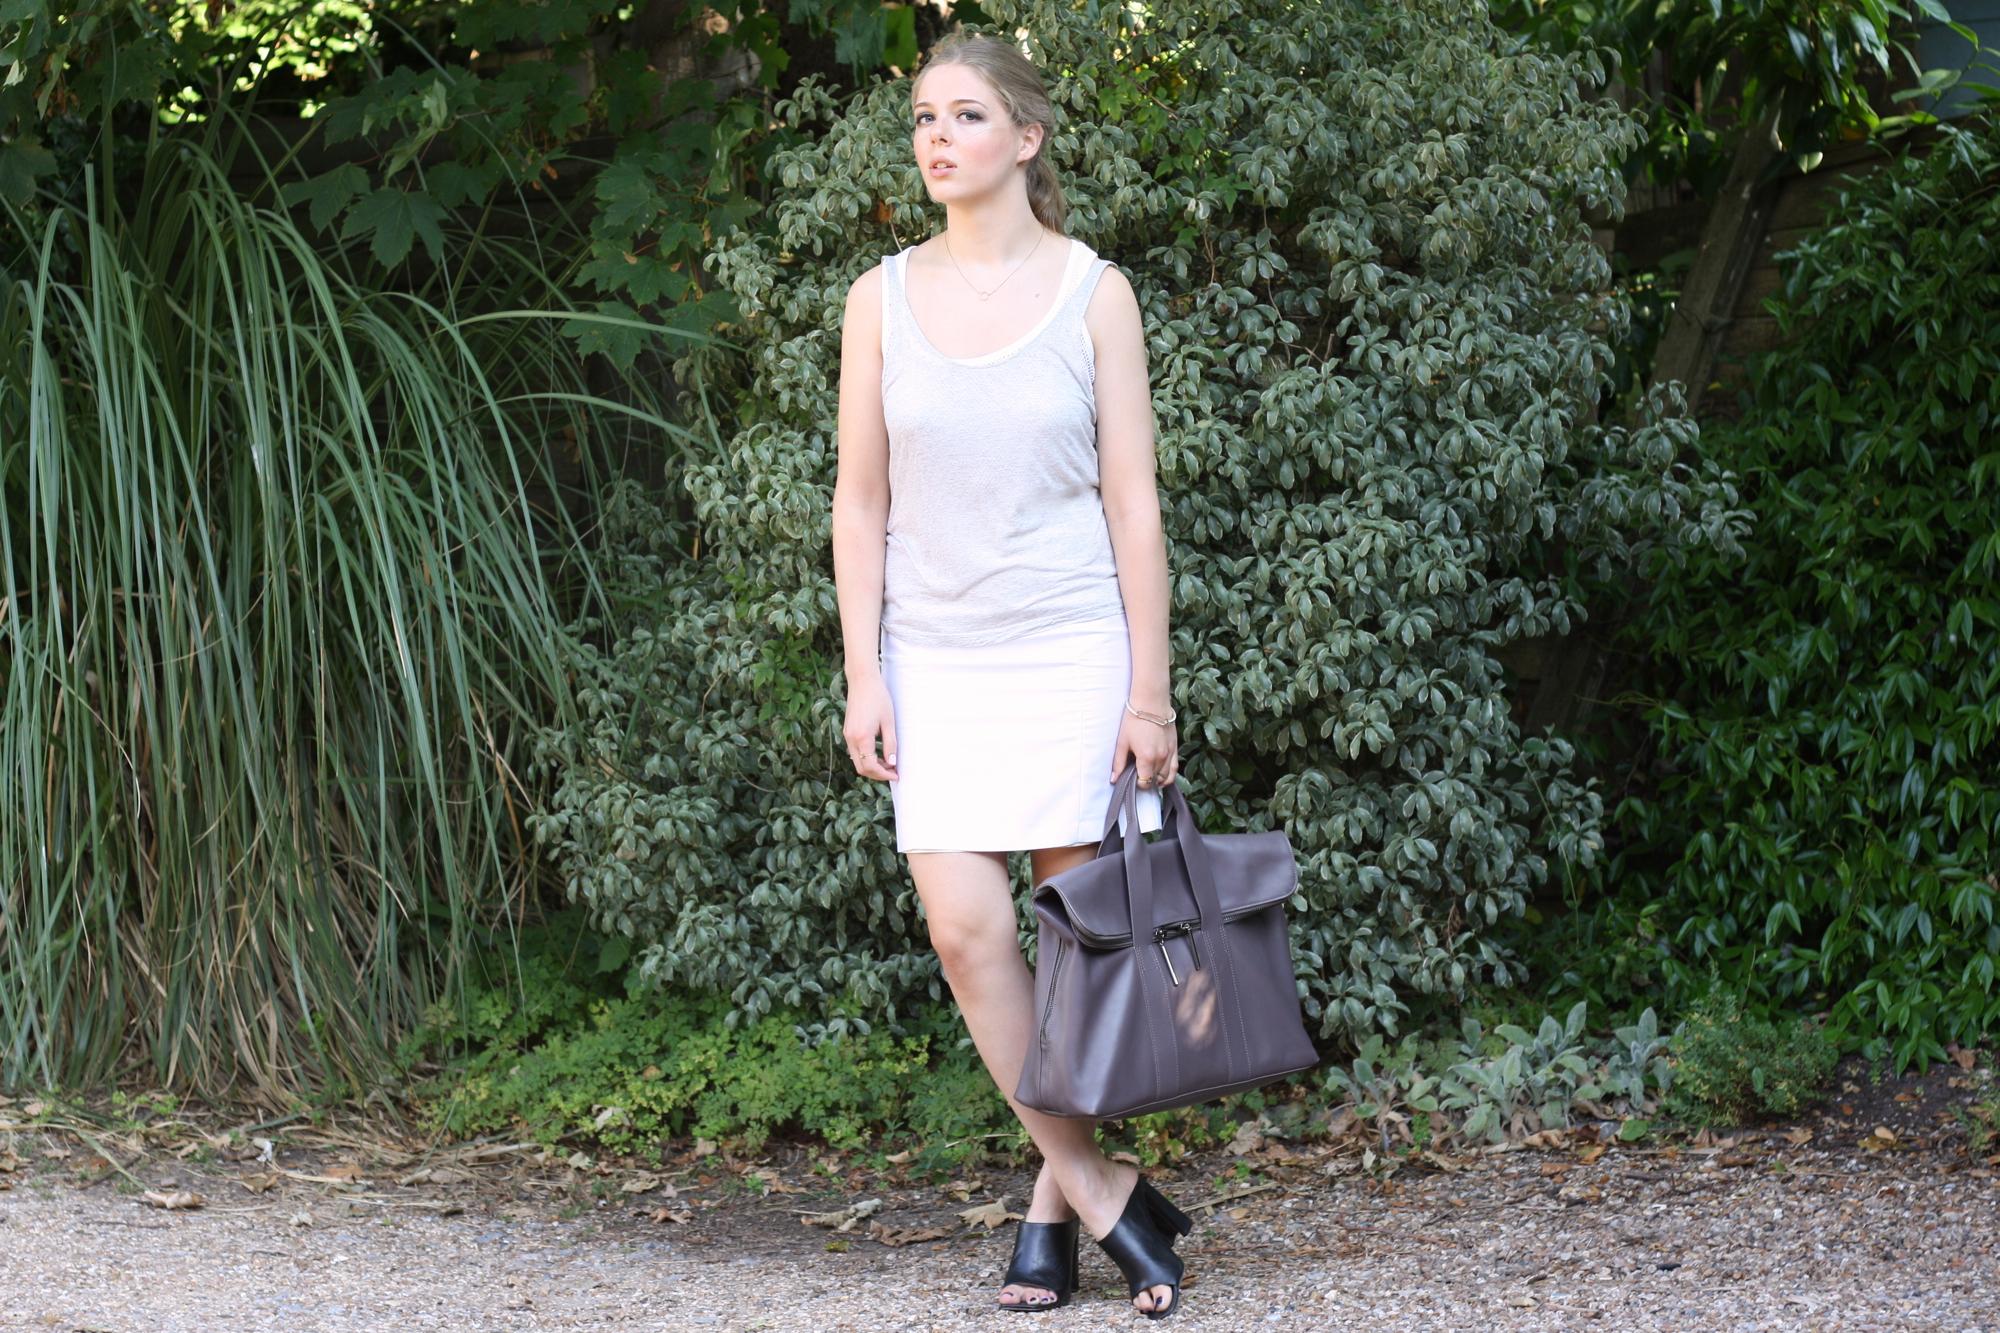 Topshop modern tailoring white skirt